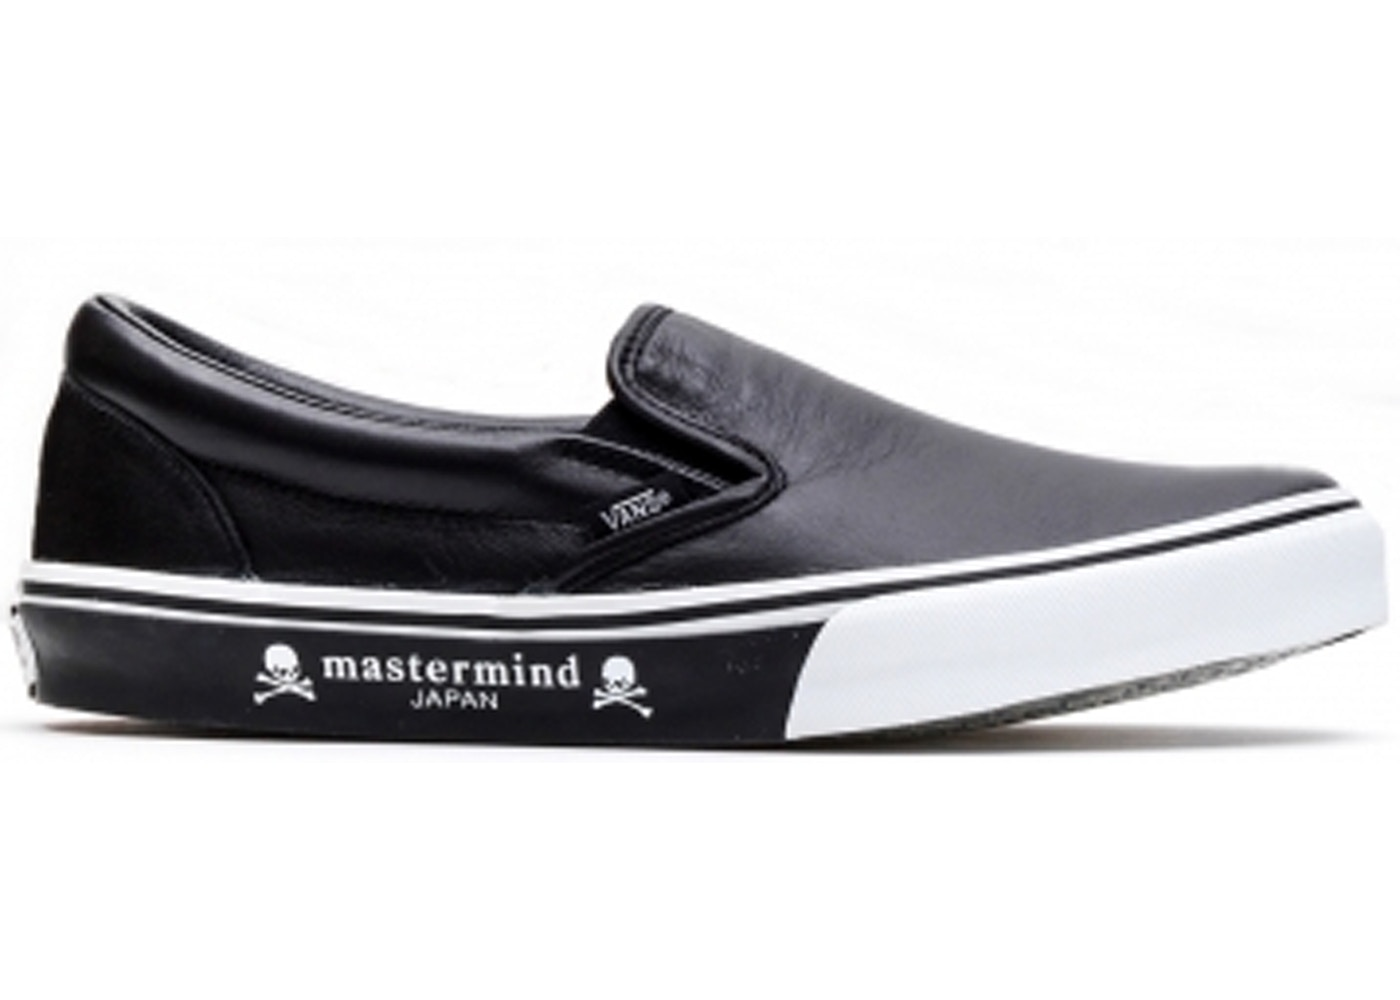 efe05b105b7 Vans Slip-On Mastermind - V98MASTERMIND